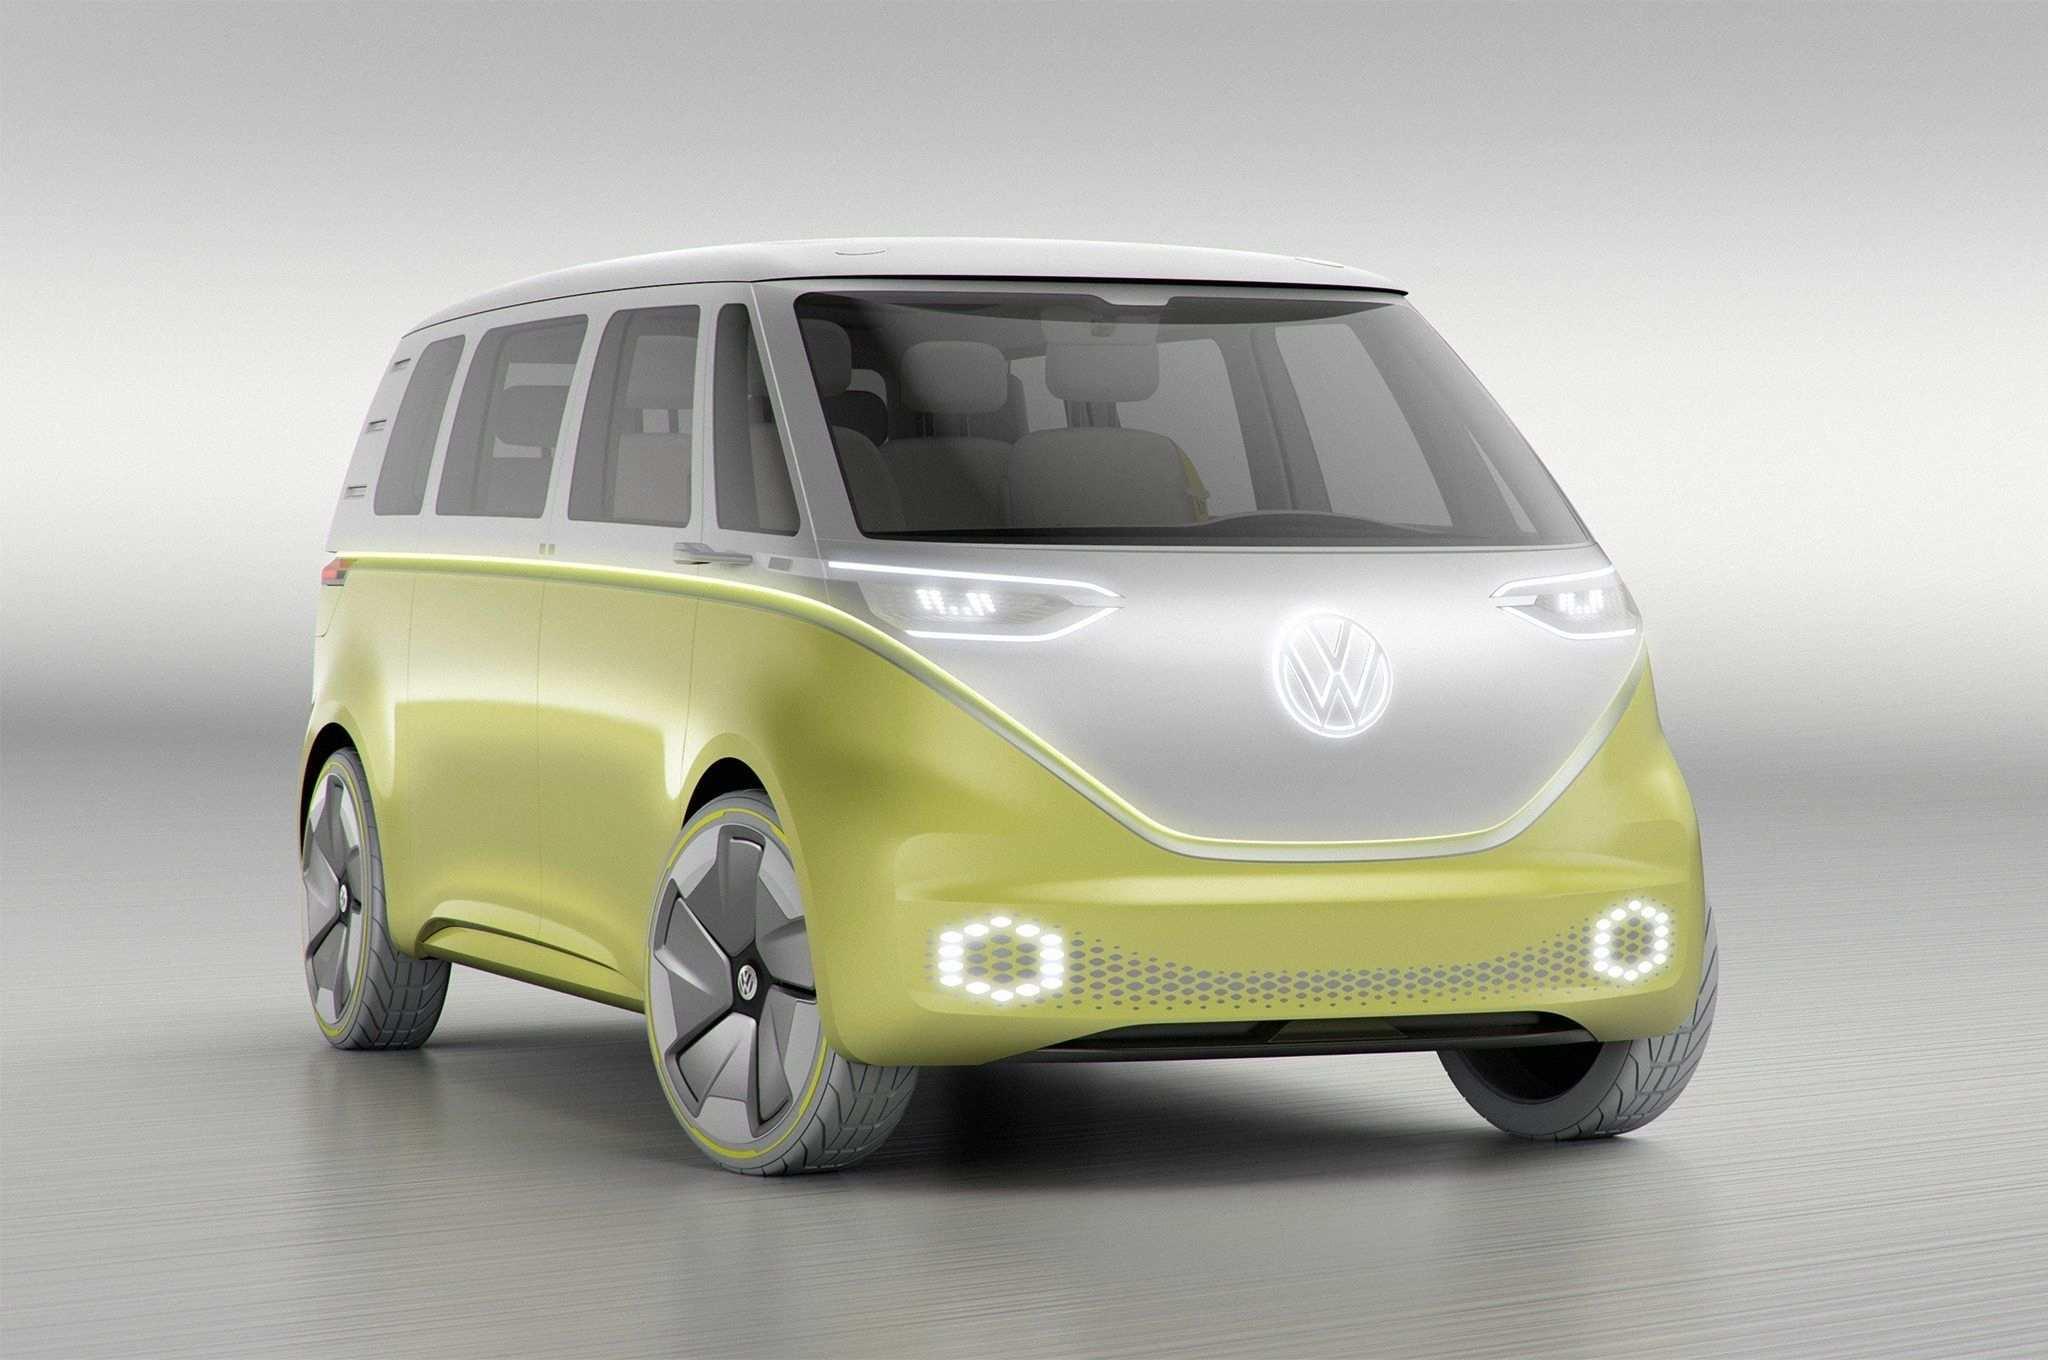 59 The Volkswagen Minivan 2020 New Review by Volkswagen Minivan 2020